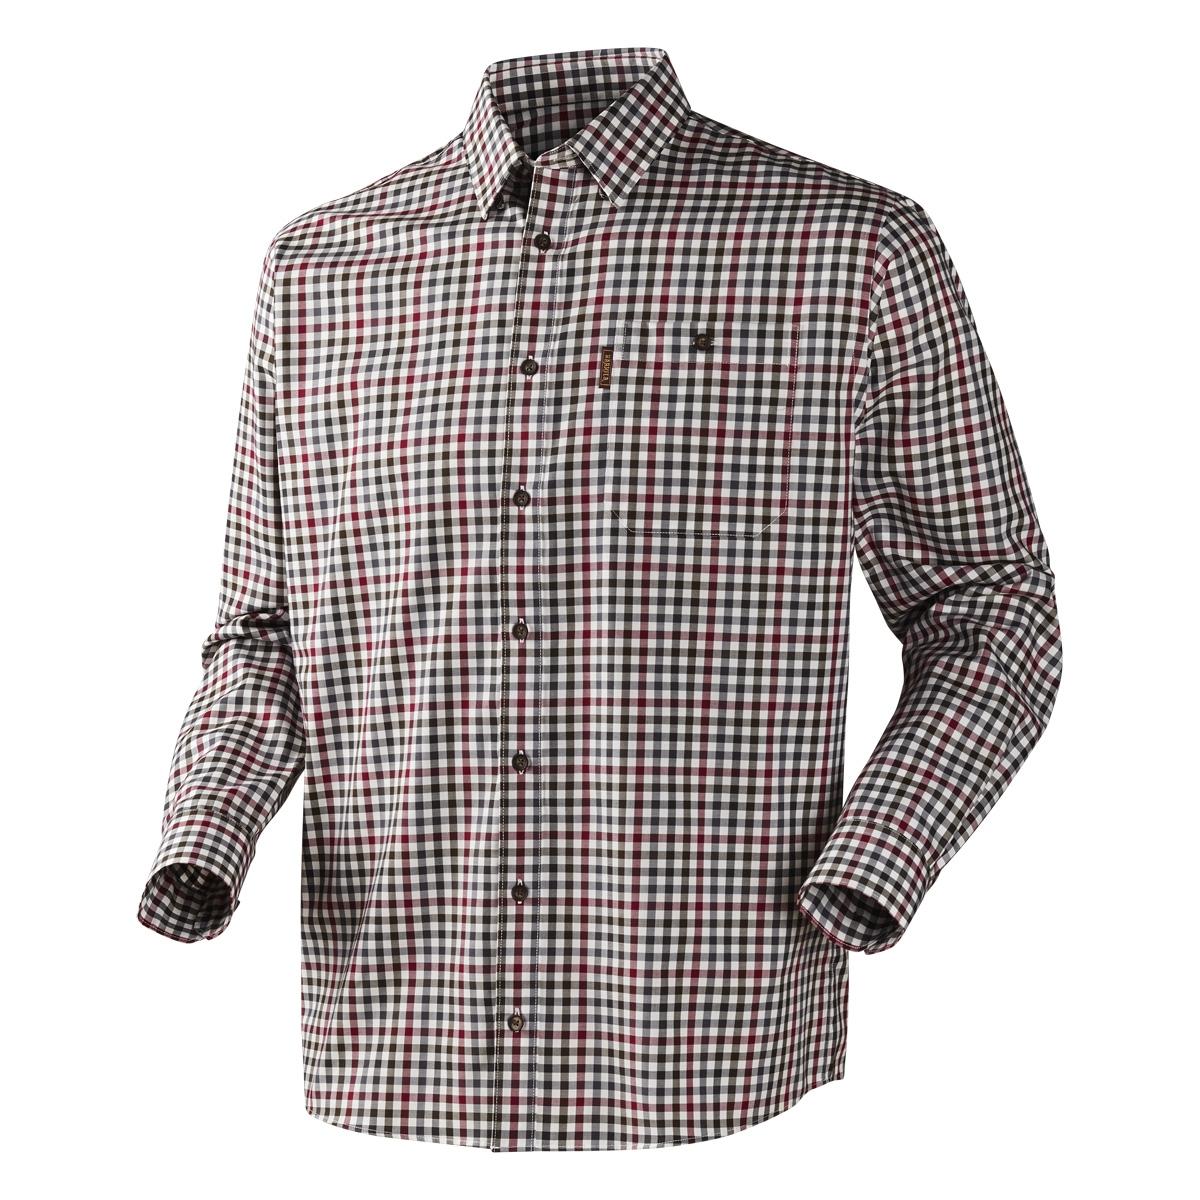 Harkila Milford Shirt Beetroot Check 1